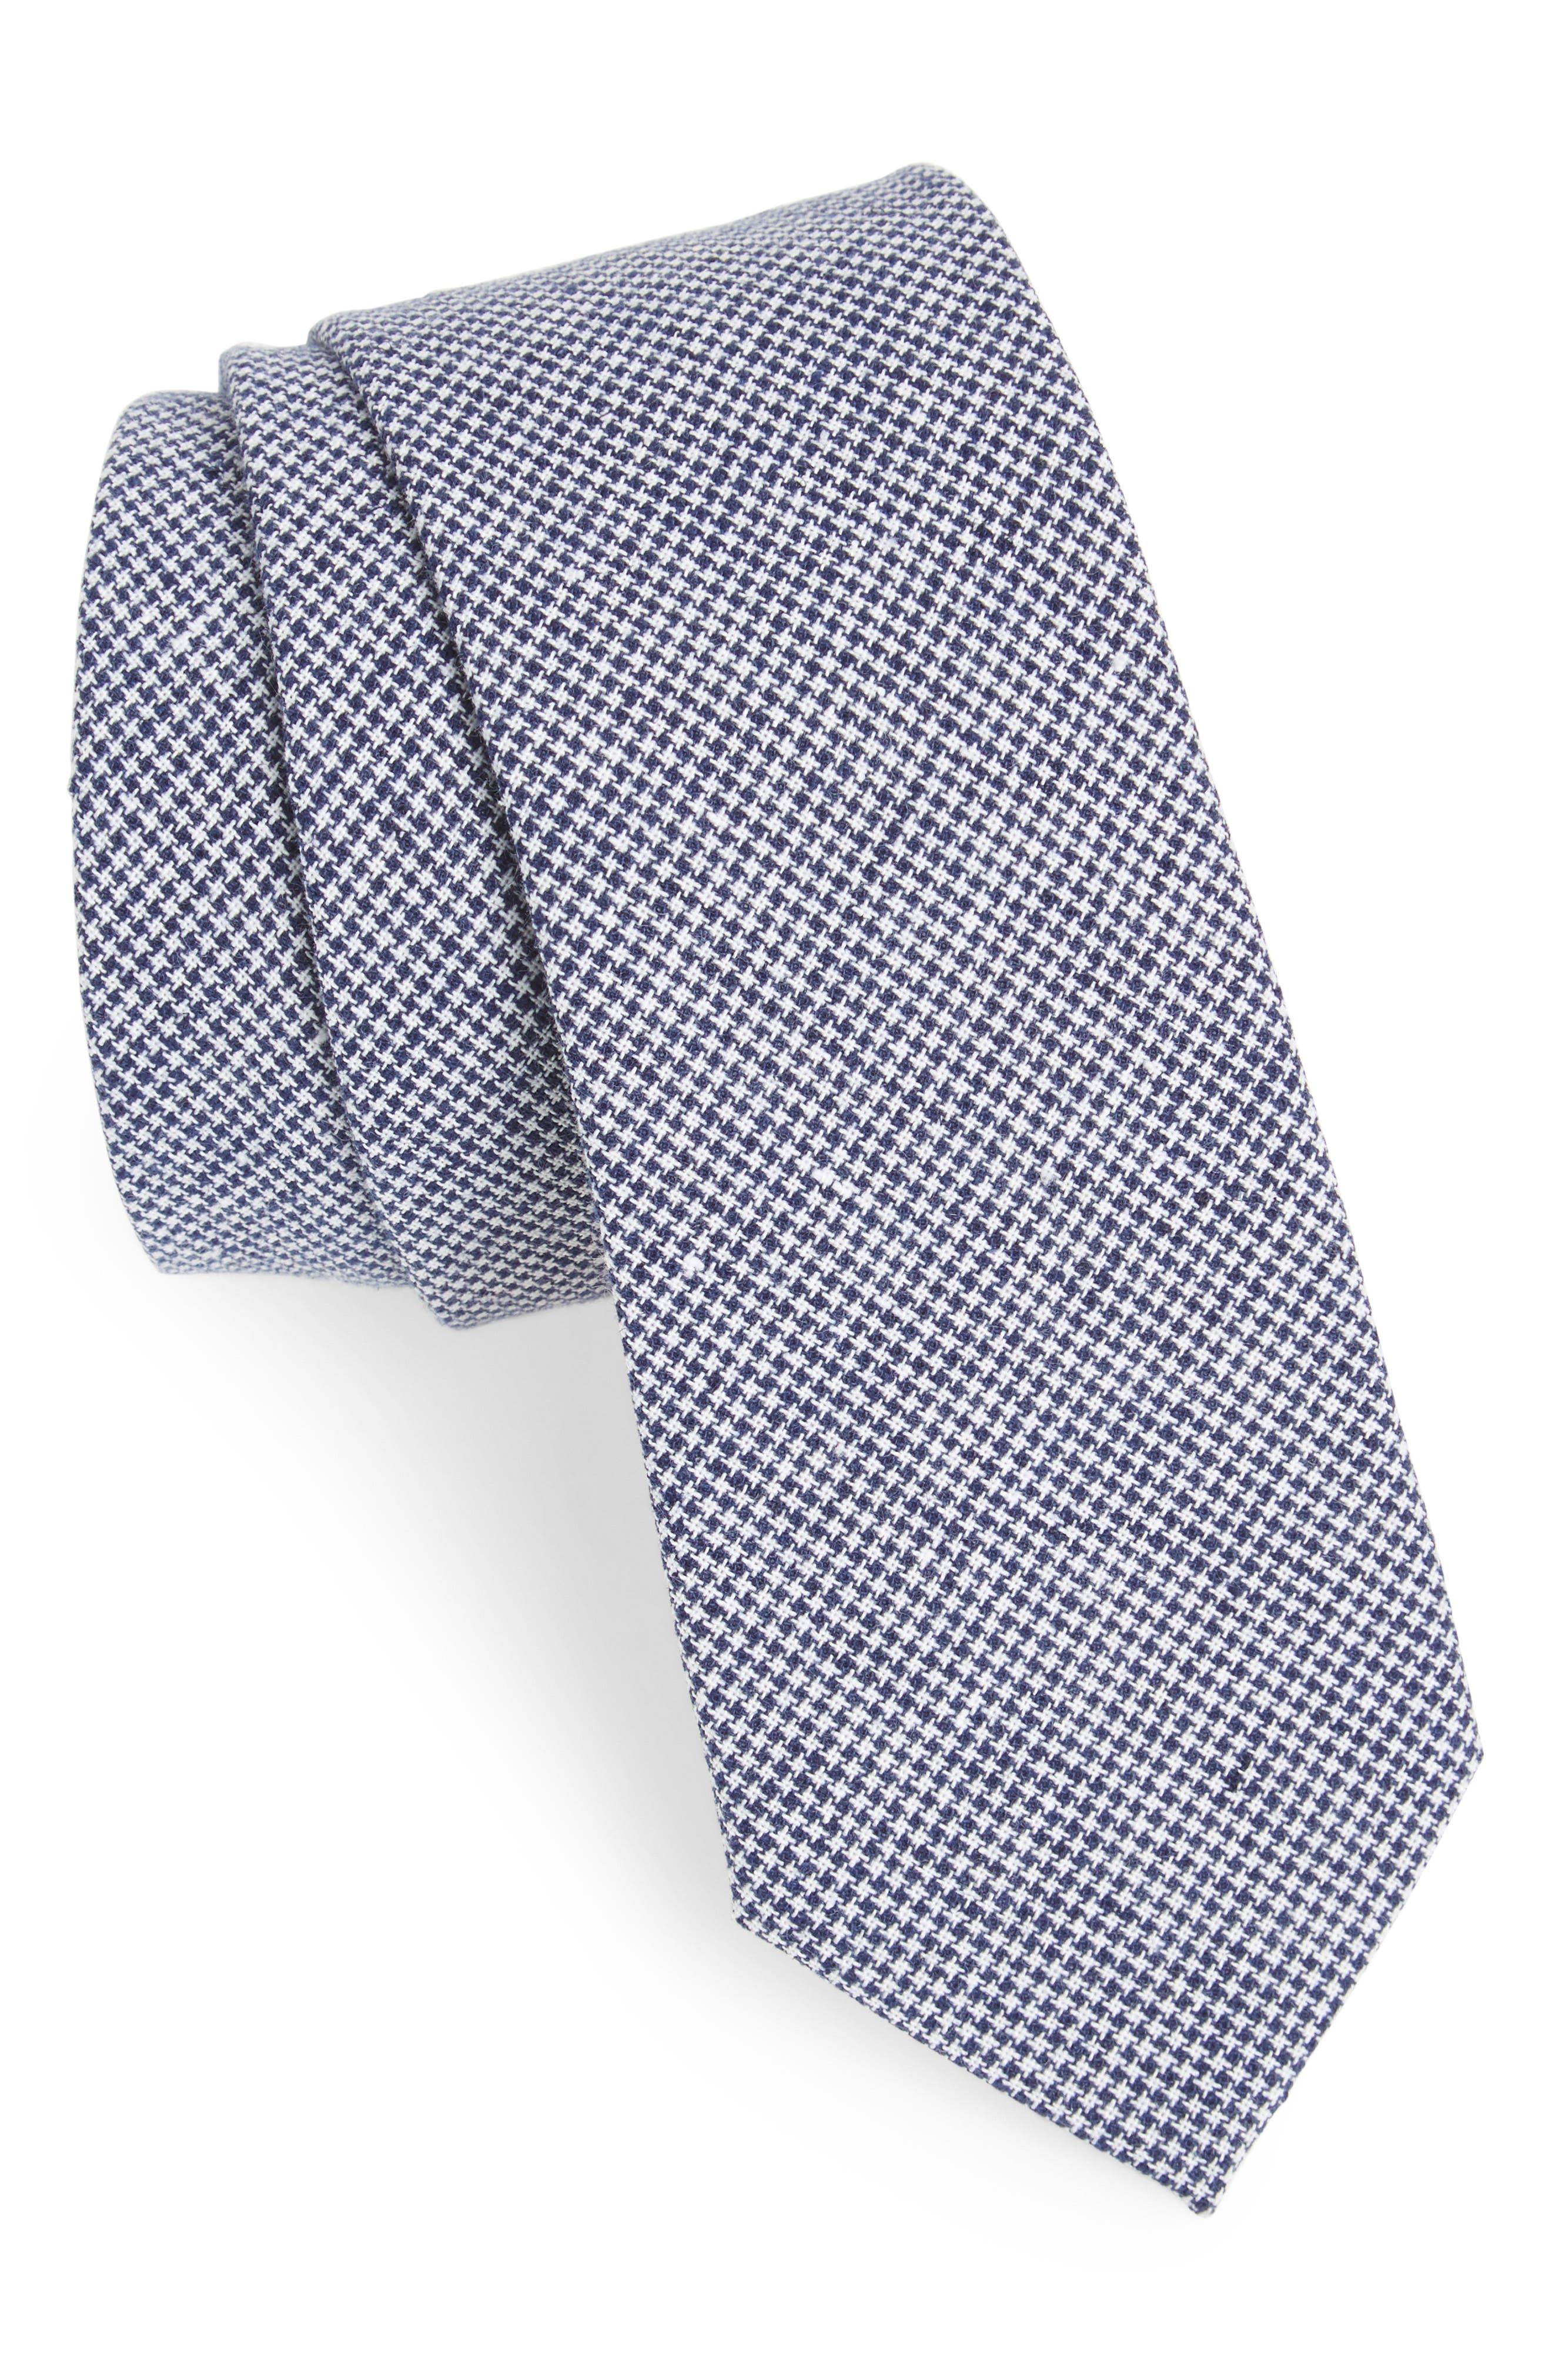 Main Image - Nordstrom Men's Shop Ralph Houndstooth Cotton & Linen Tie